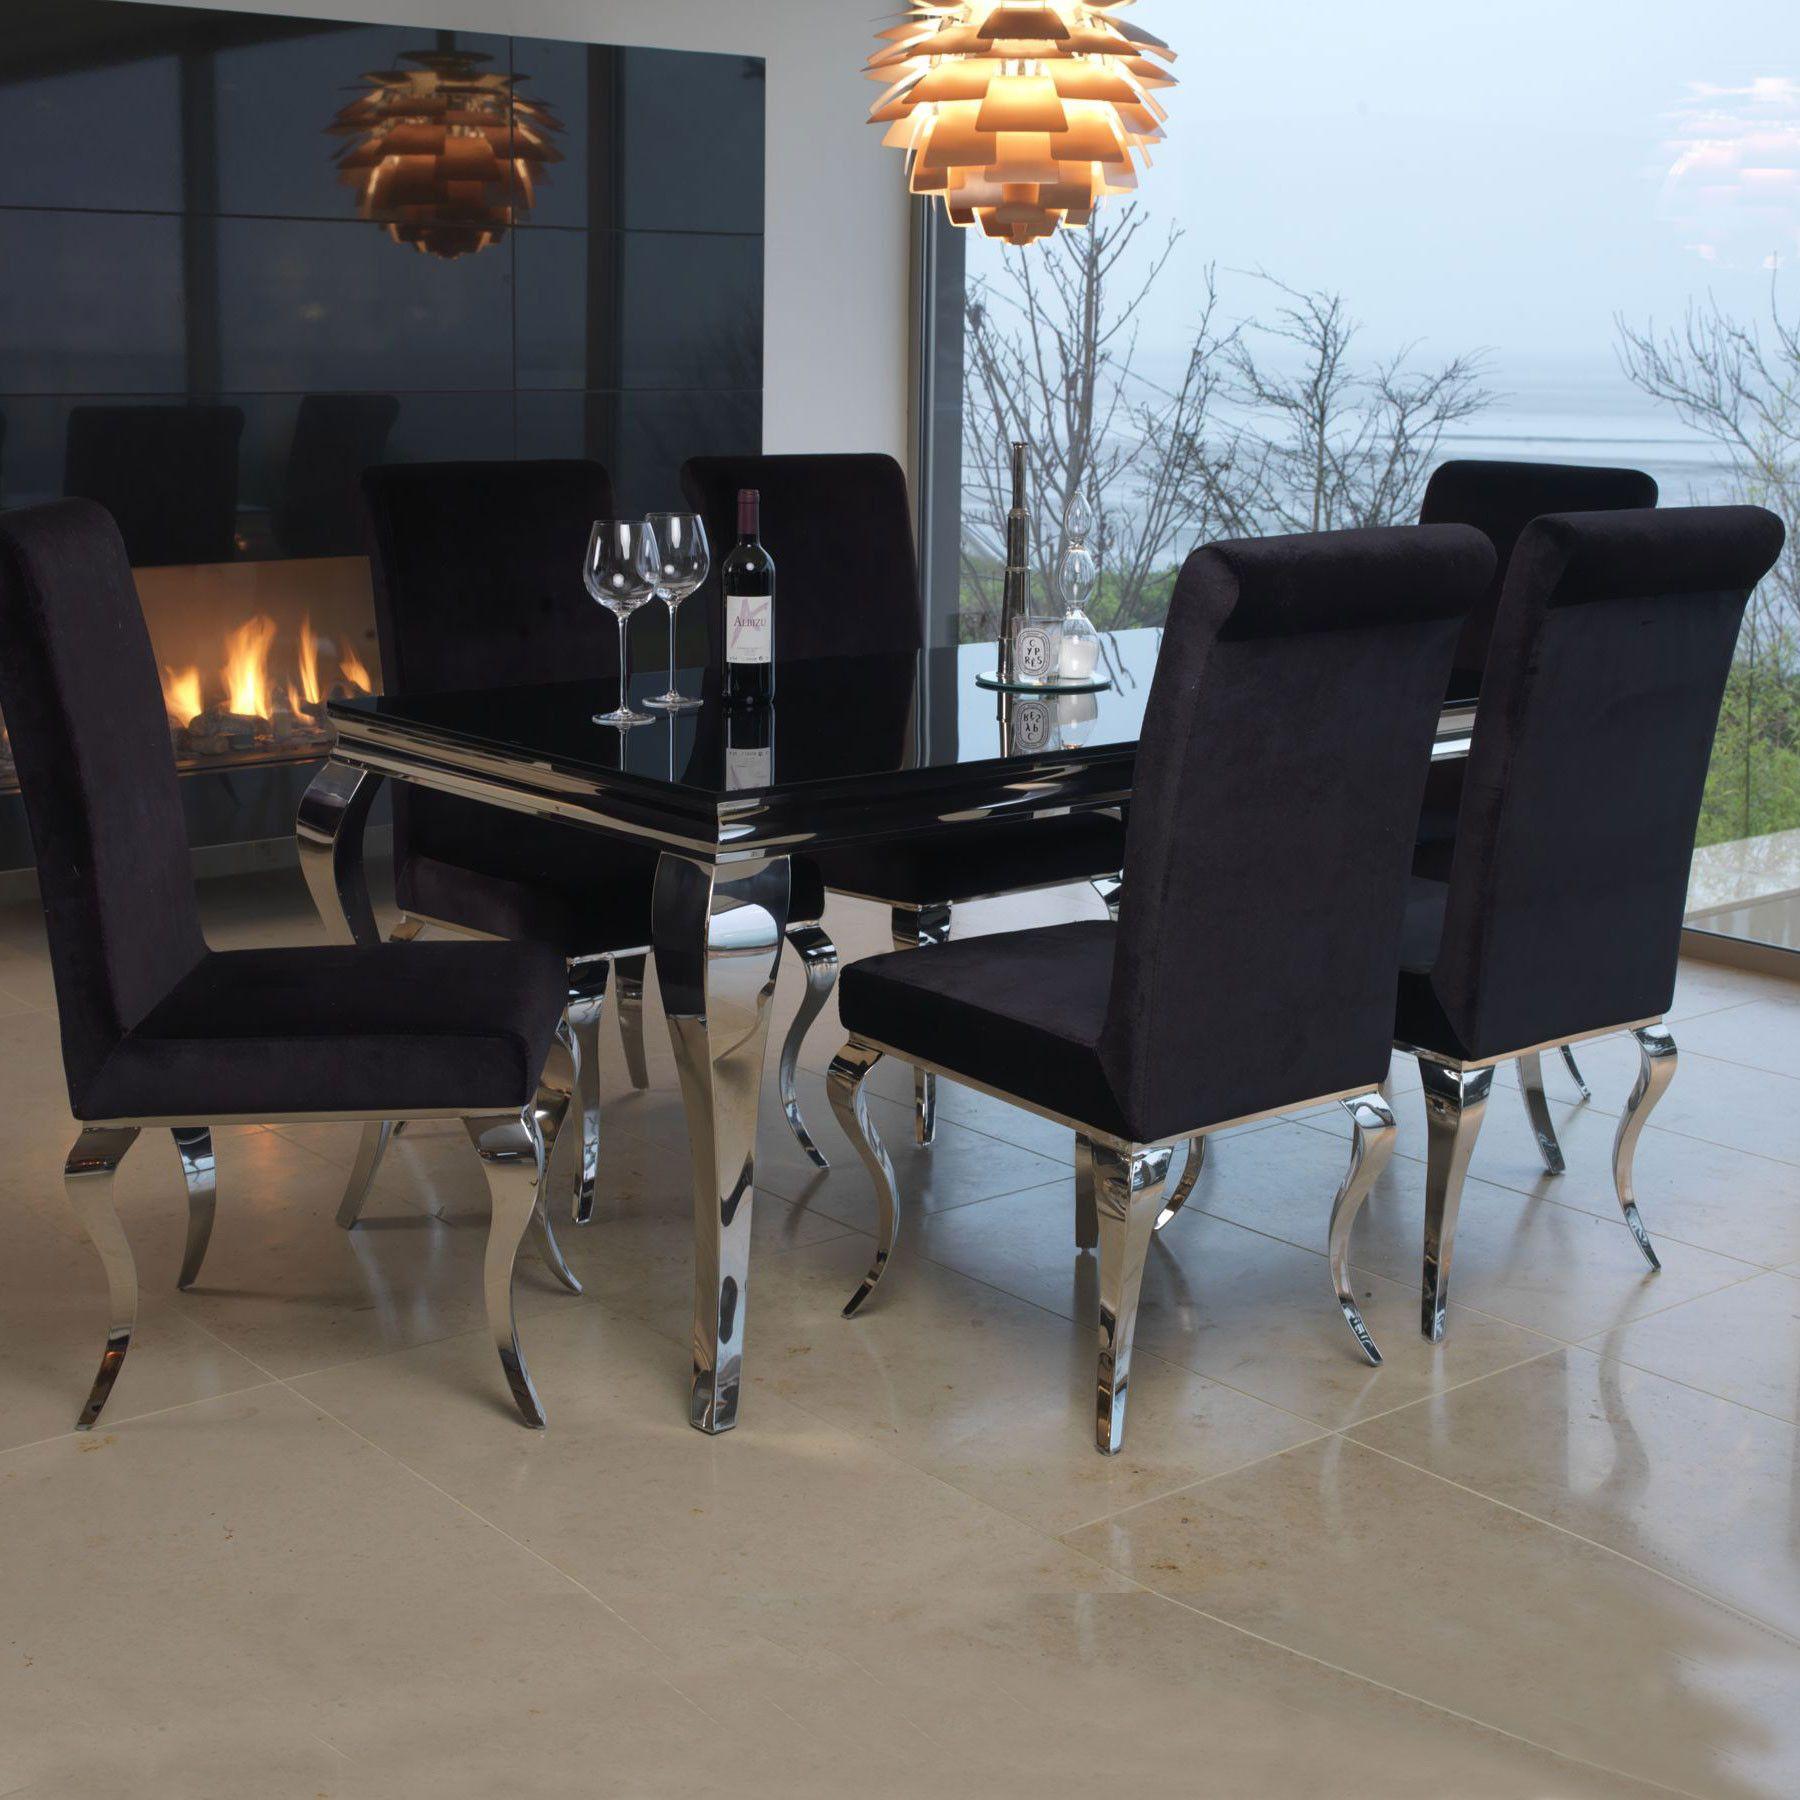 Schwarzer Esszimmer Tisch Und Stühle Esstisch stühle